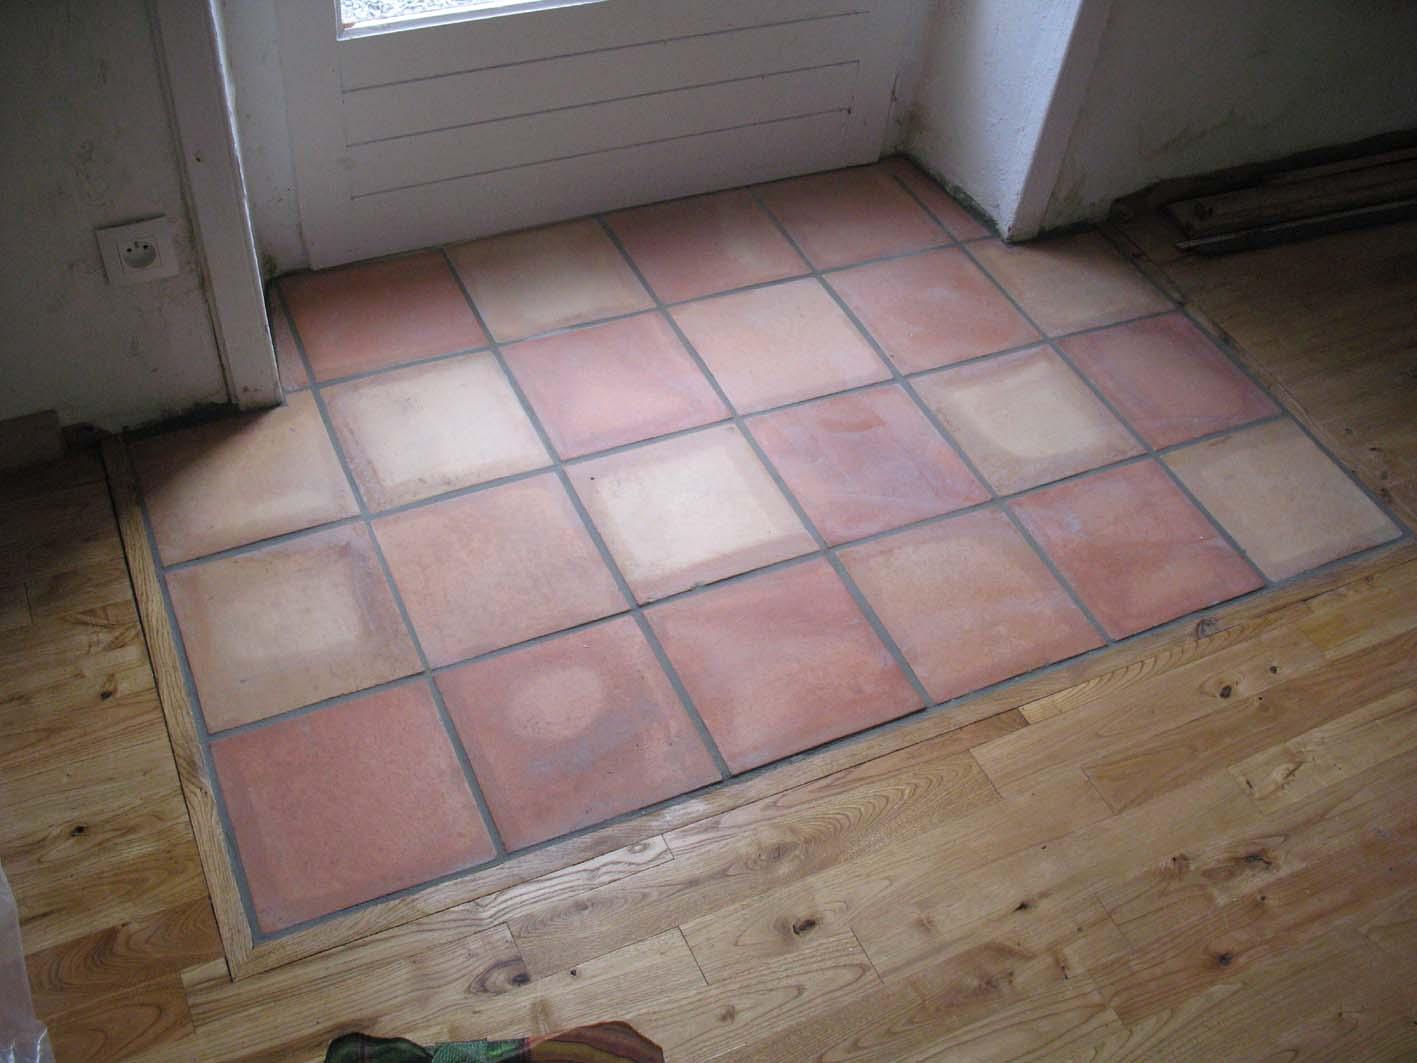 16 Pak Clay Living Room Tiles Terracotta Floor Tiles in Pakistan Driveway Tiles Design Images.